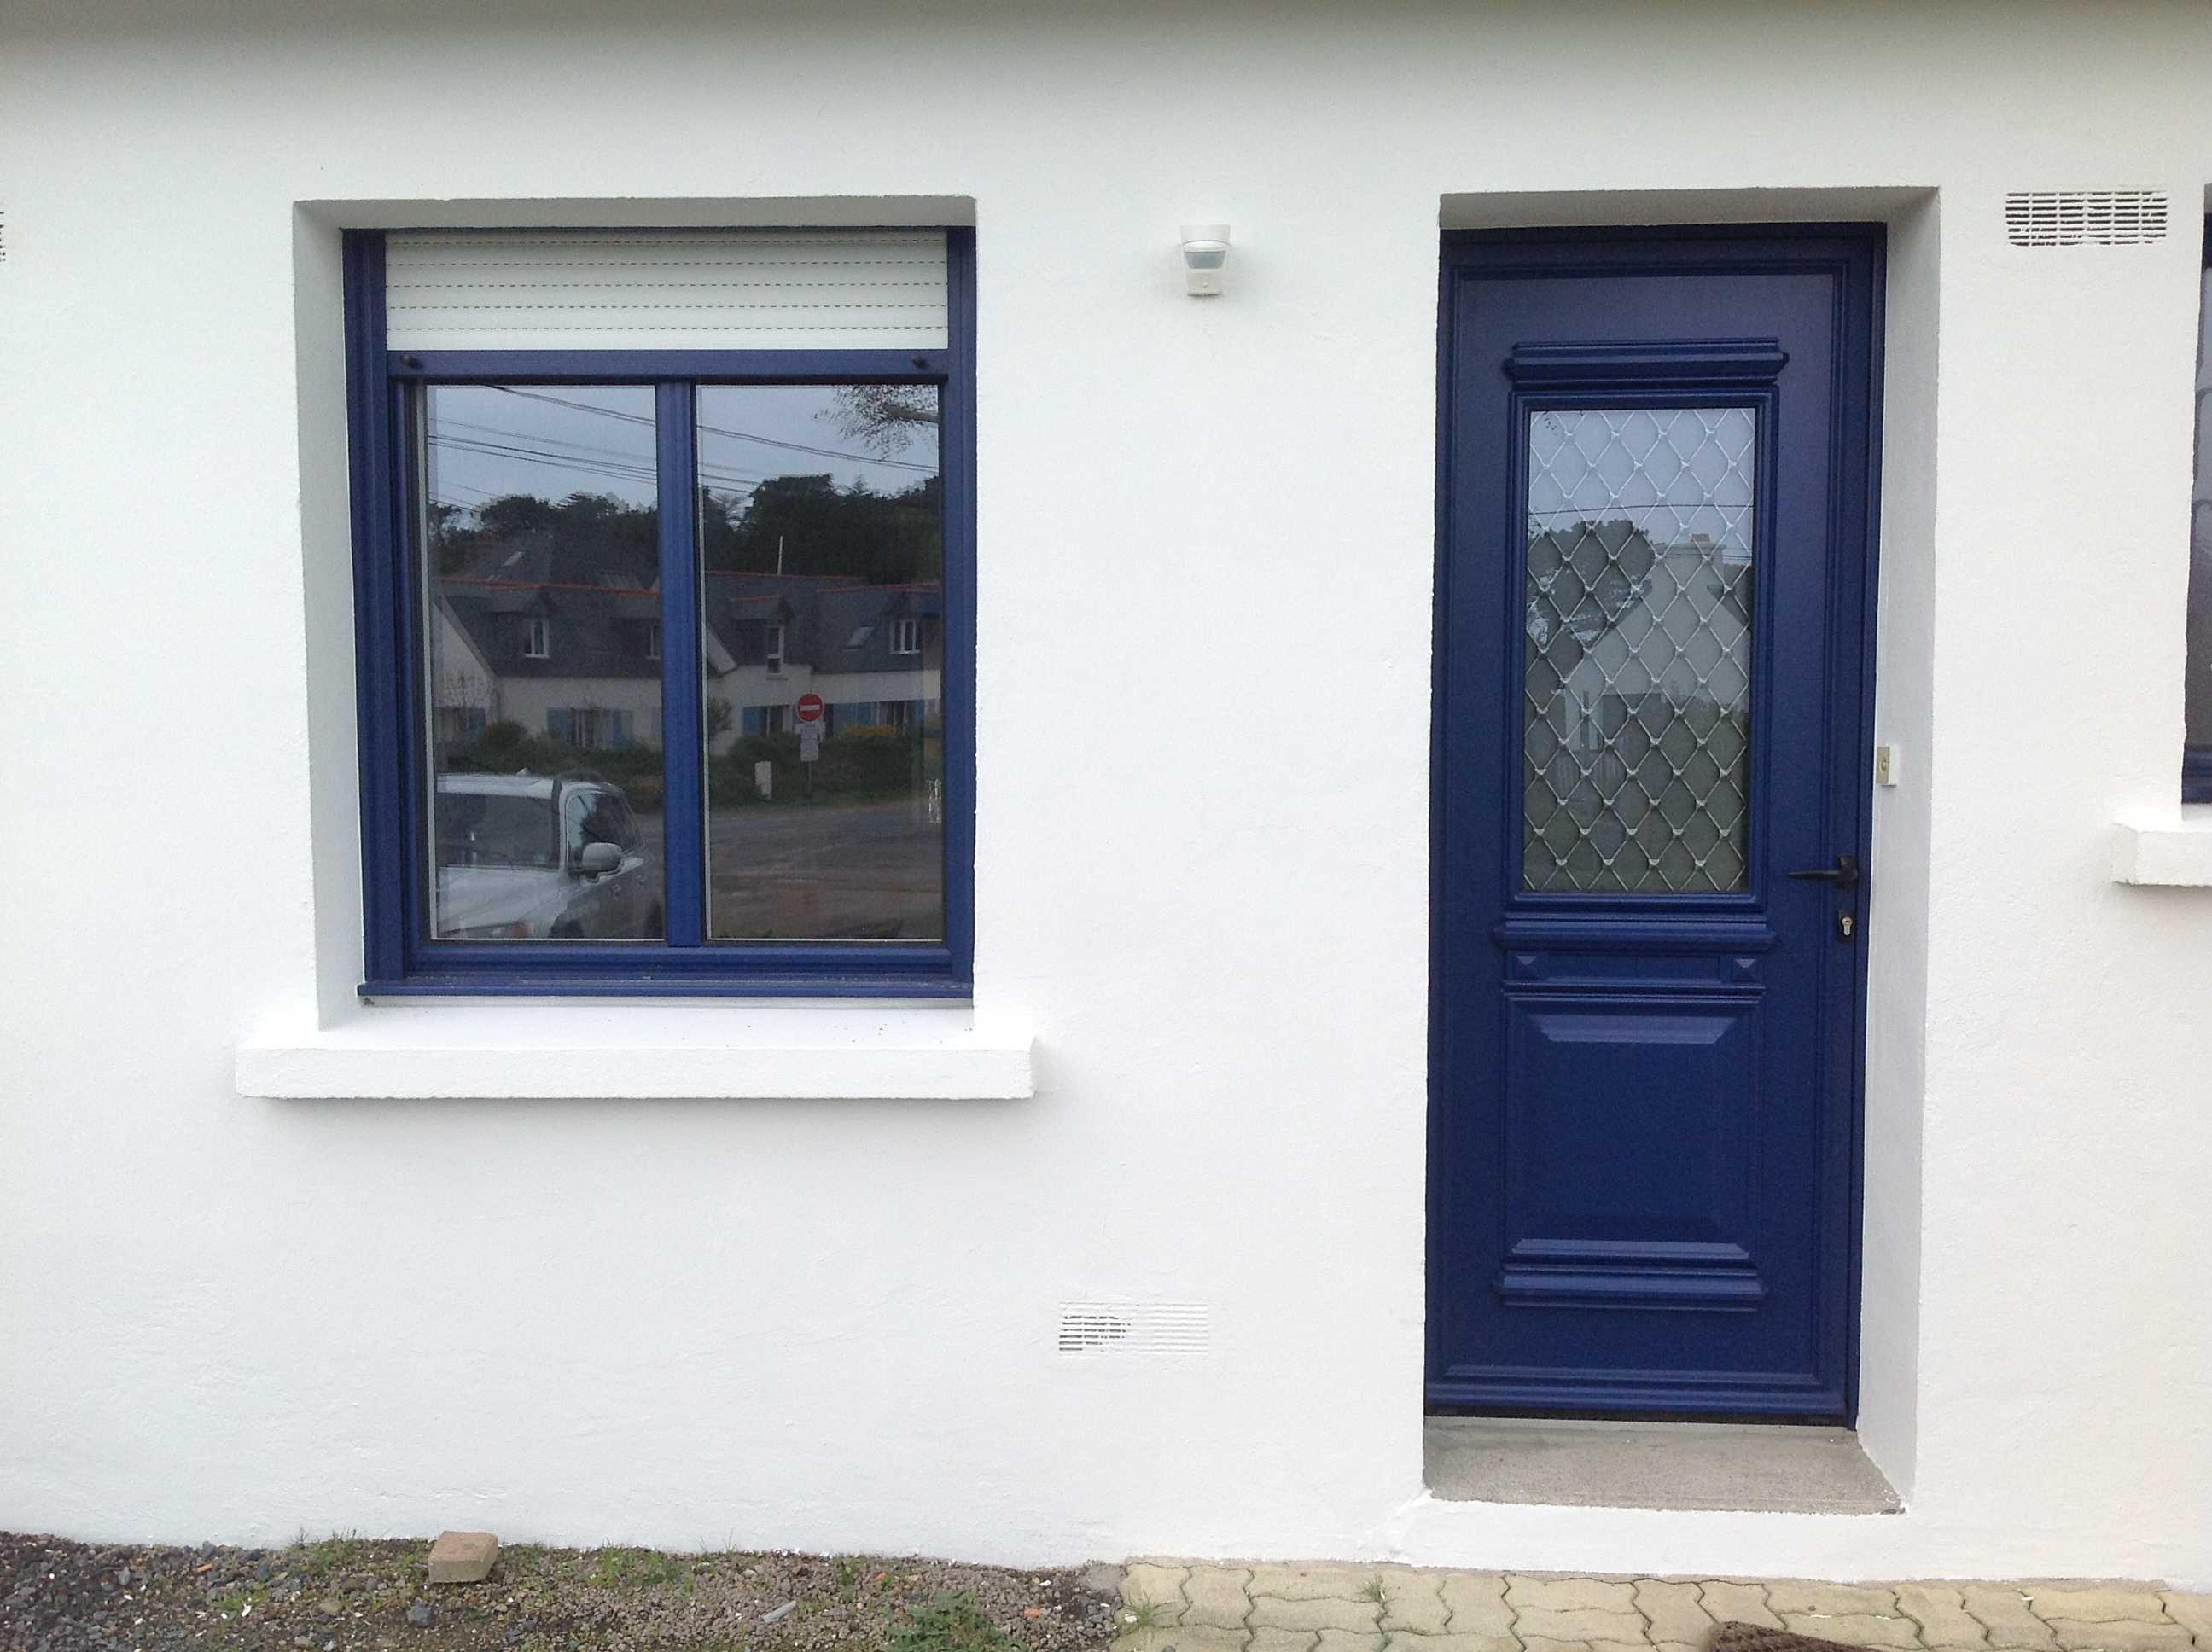 Art Et Fenetre Caudan porte d'entrée et fenêtres alu bleu, volets roulants tablier